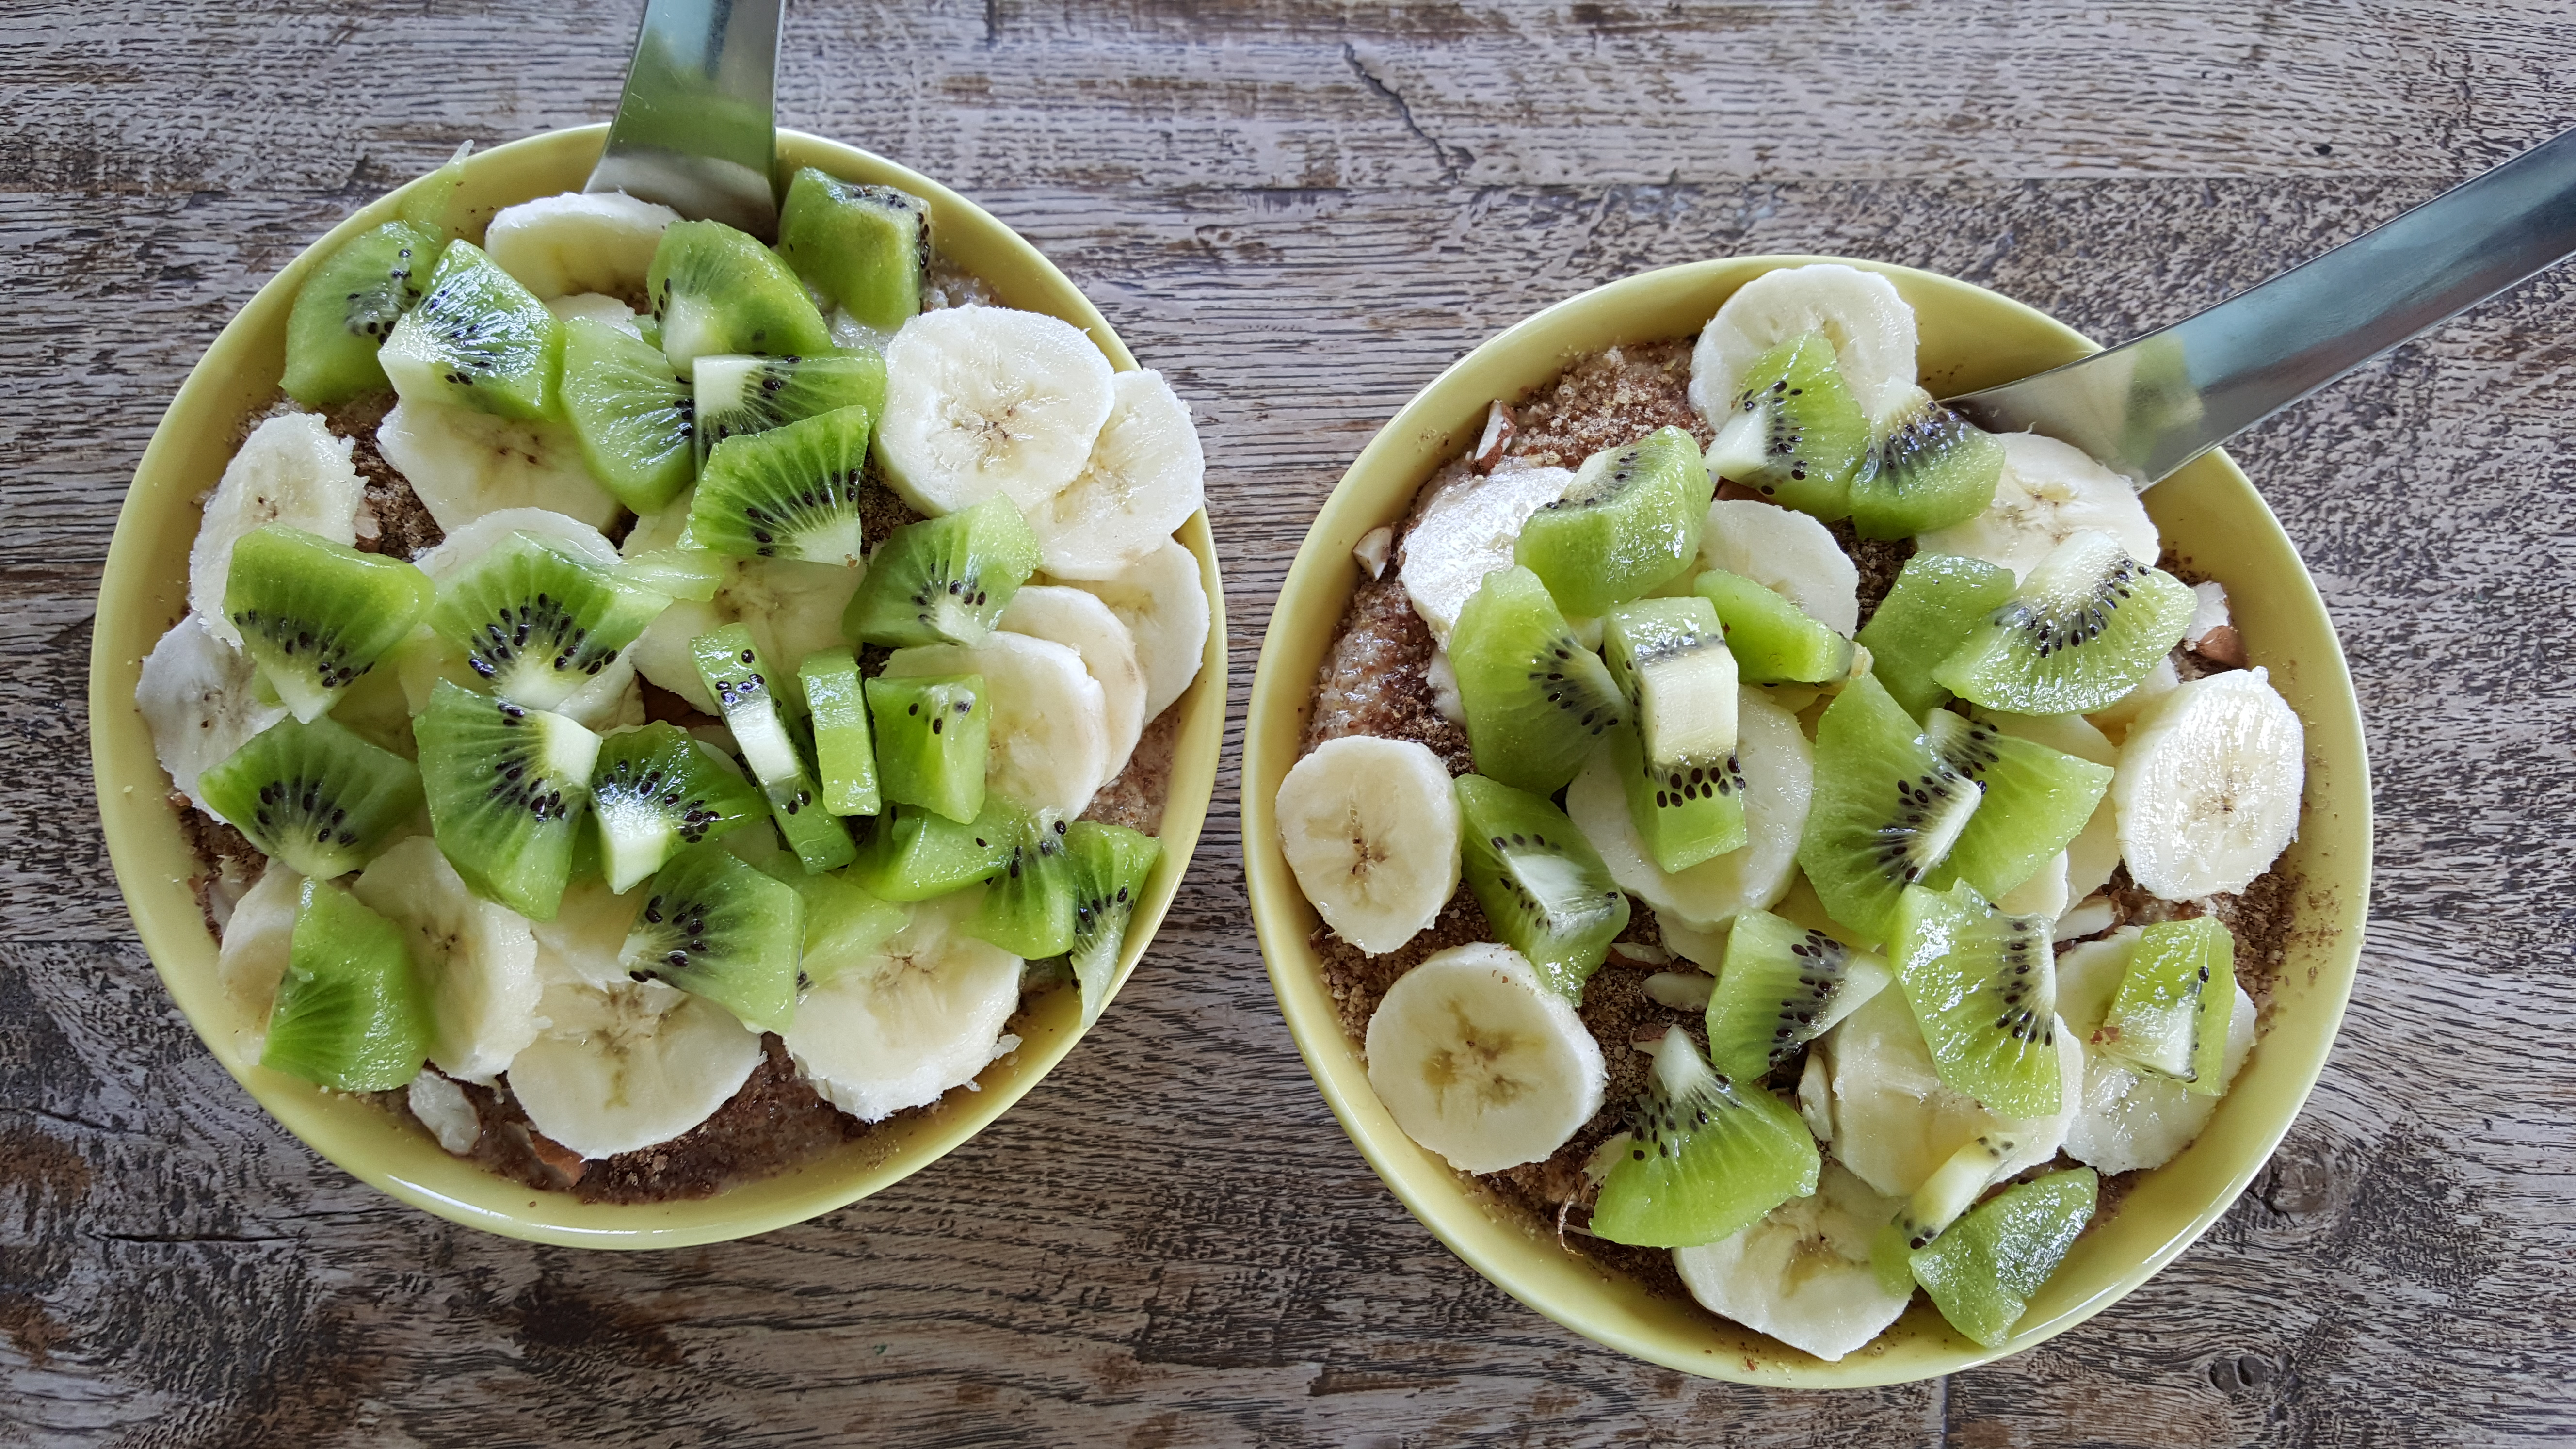 Powergrød med banan og kiwi